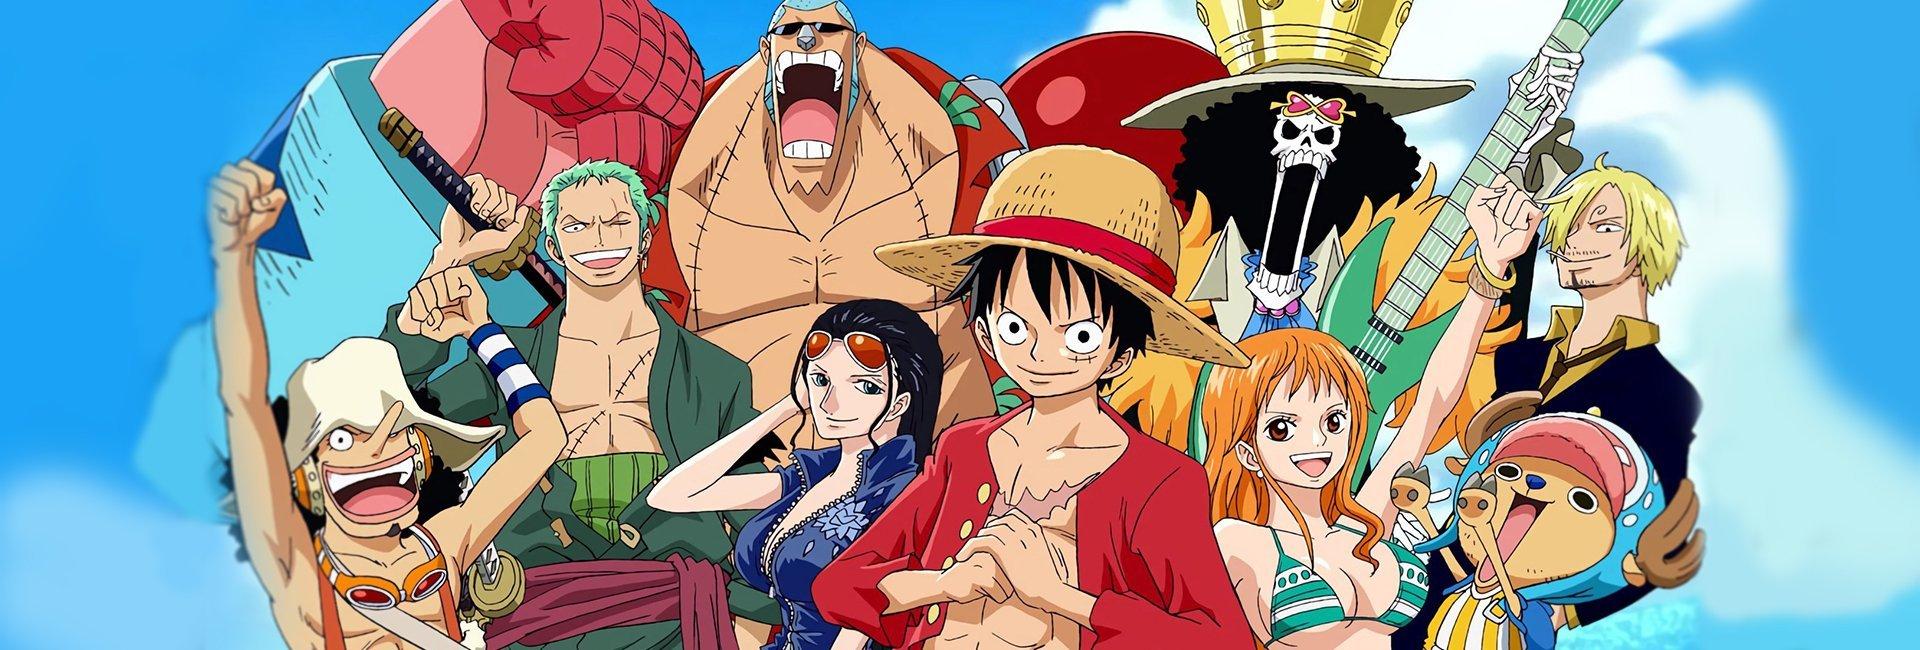 Os chapéus de palha, da esquerda pra direita: Ussop, Zoro, Franky, Robin, Luffy, Brook, Nami, Choper, Sanji - Guia completo de fillers One Piece